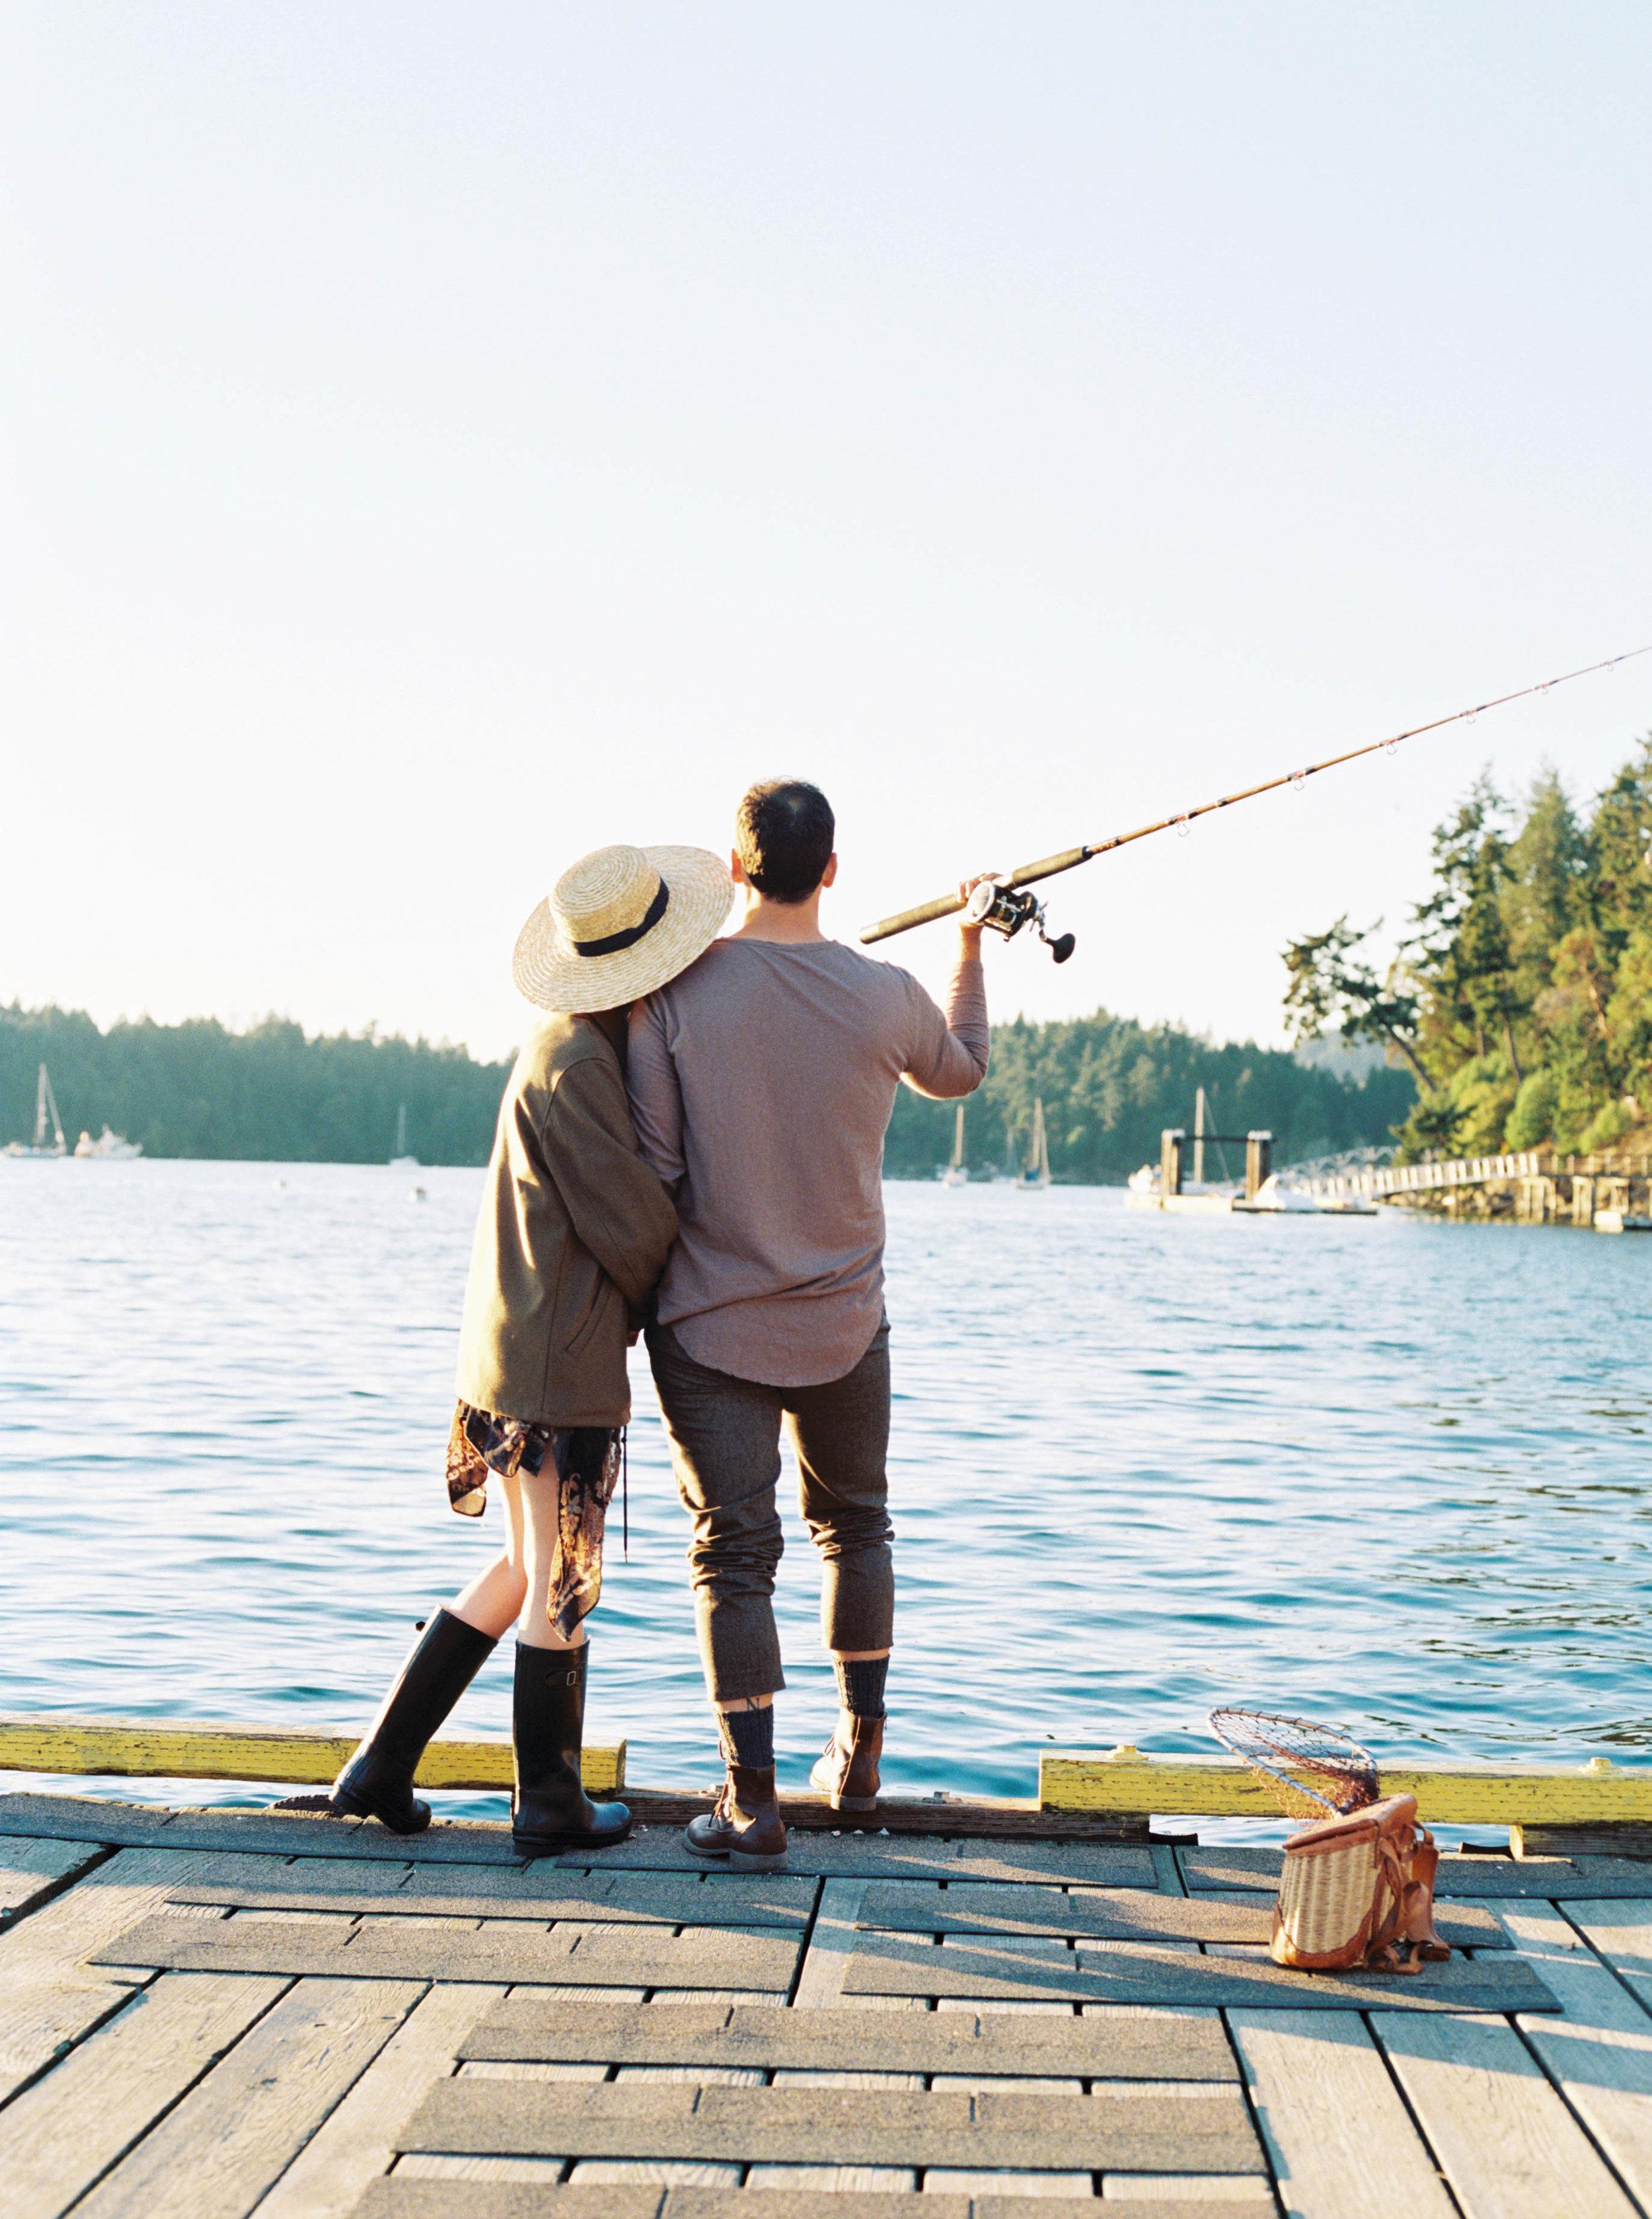 JENNI_KUPELIAN_lifestyle_fishing-31.jpg